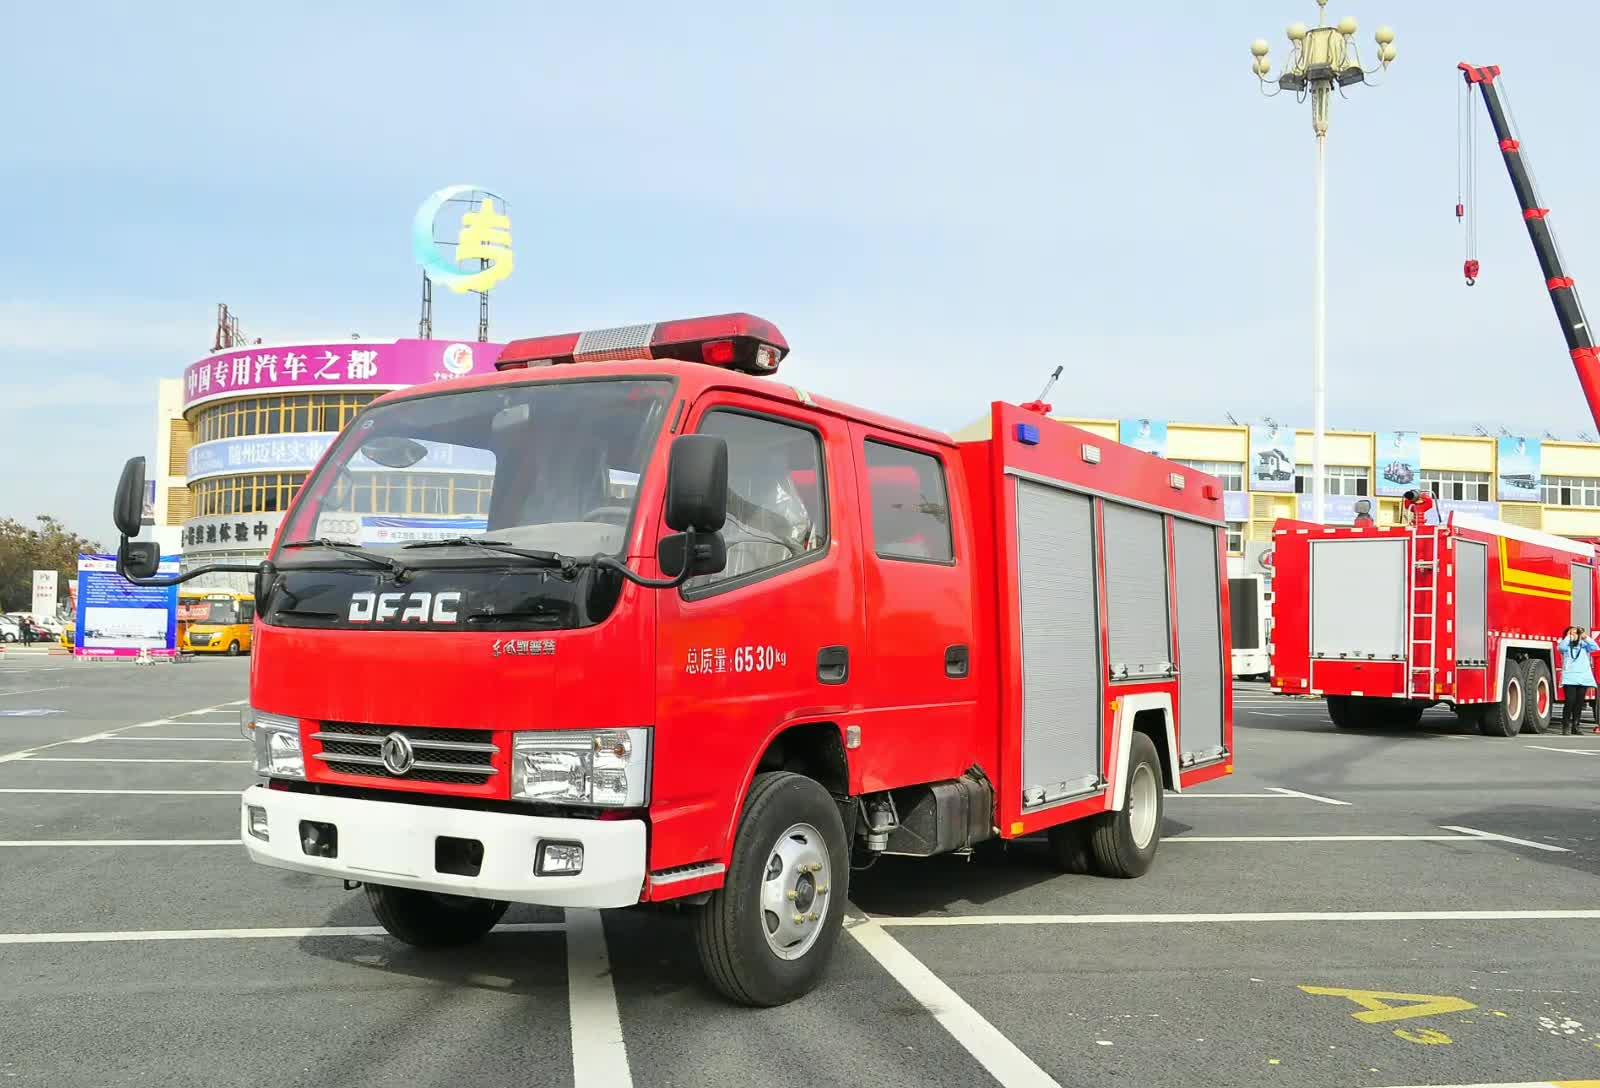 东风凯普特水罐消防车视频